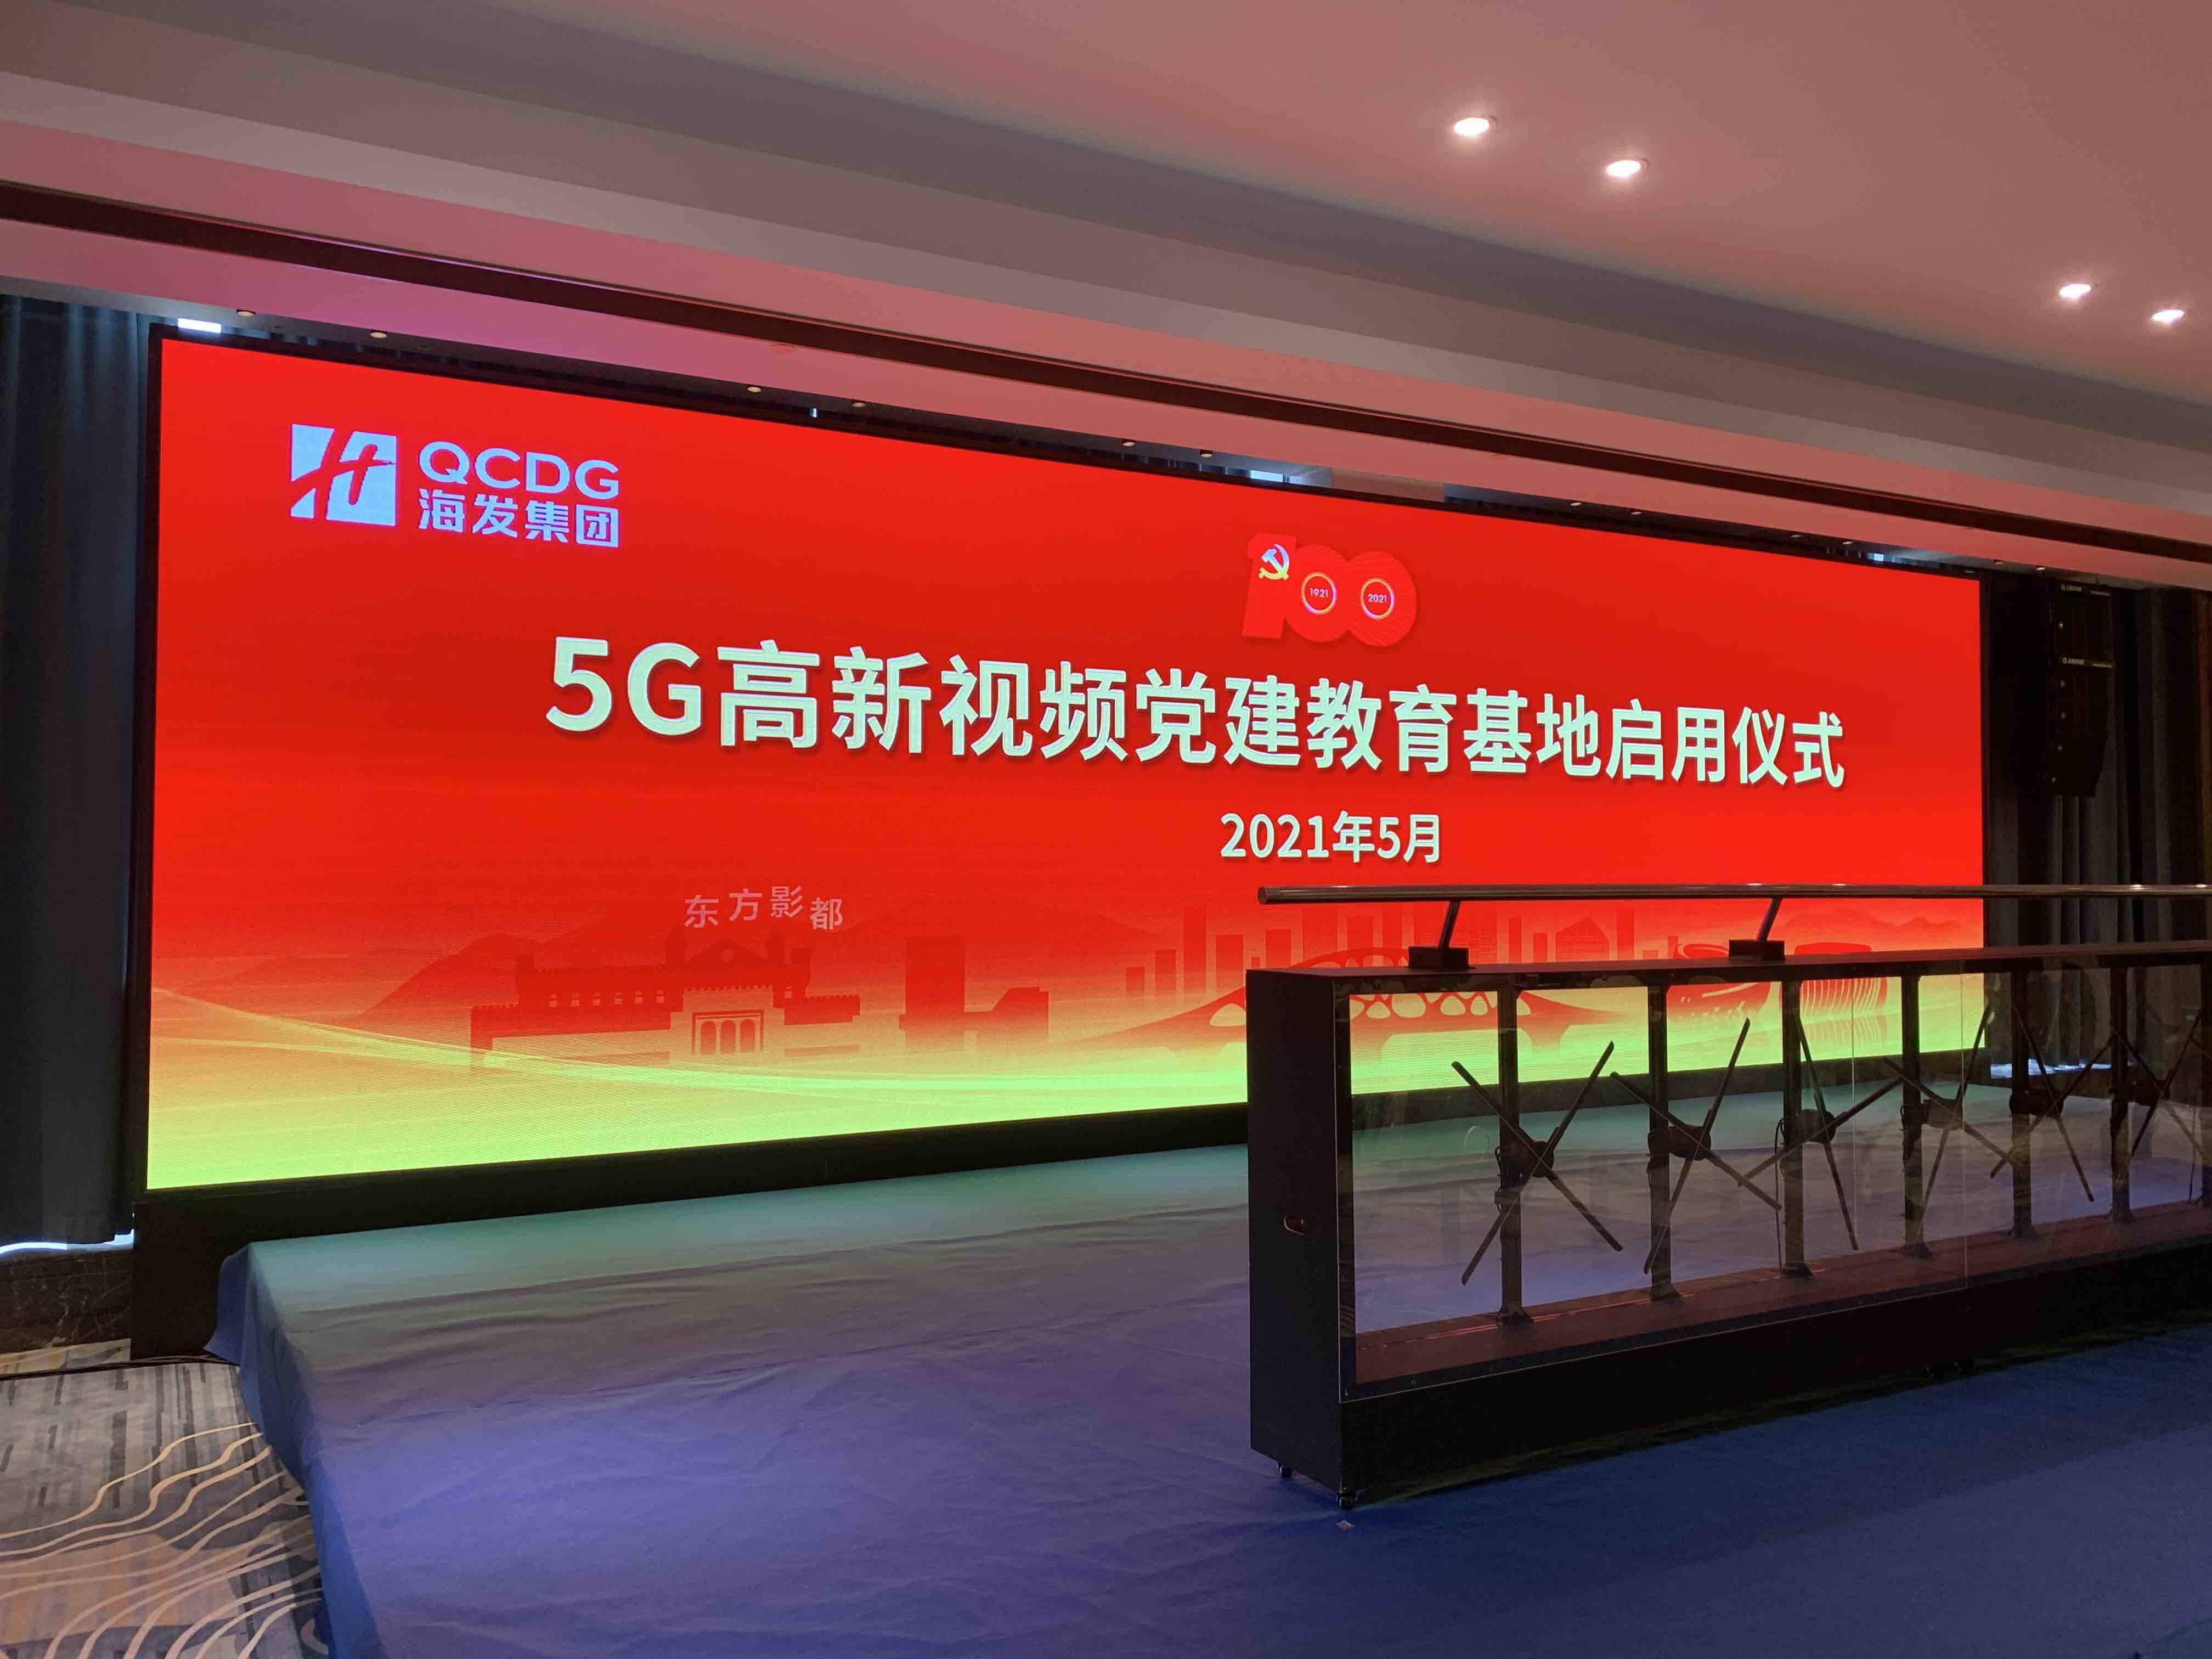 全国首个5G高新视频党建教育基地 在青岛西海岸新区启用